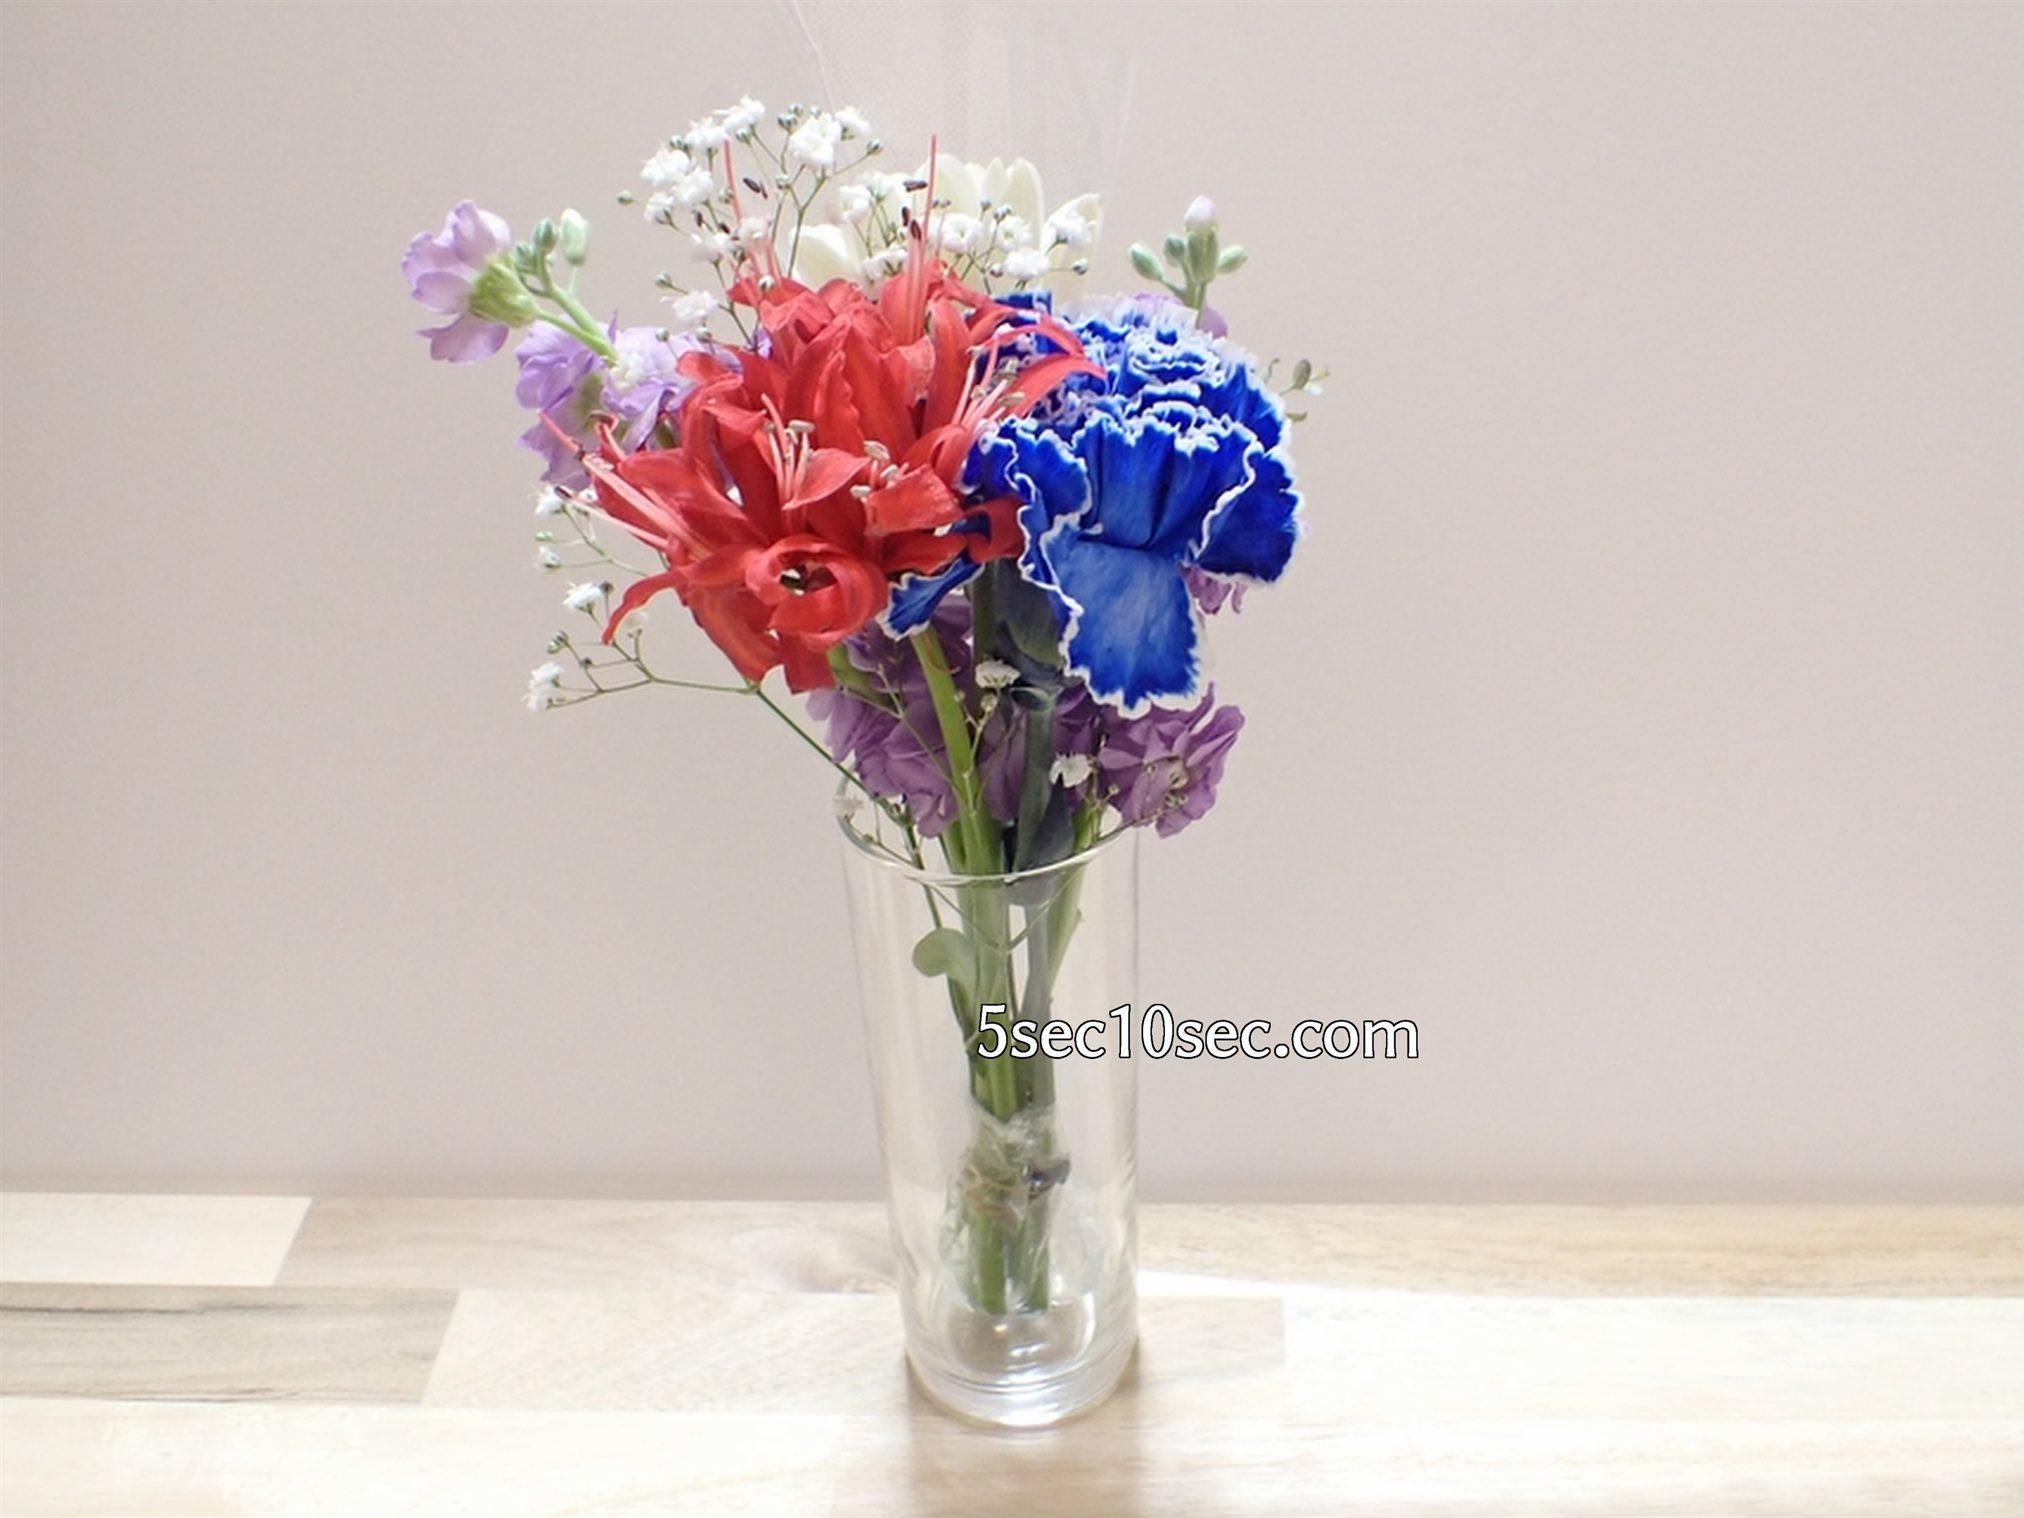 株式会社Crunch Style お花の定期便 Bloomee LIFE ブルーミーライフ 800円のレギュラープラン 2020年11月下旬、冬に届いたお花、背の高いグラスにセットしてみた